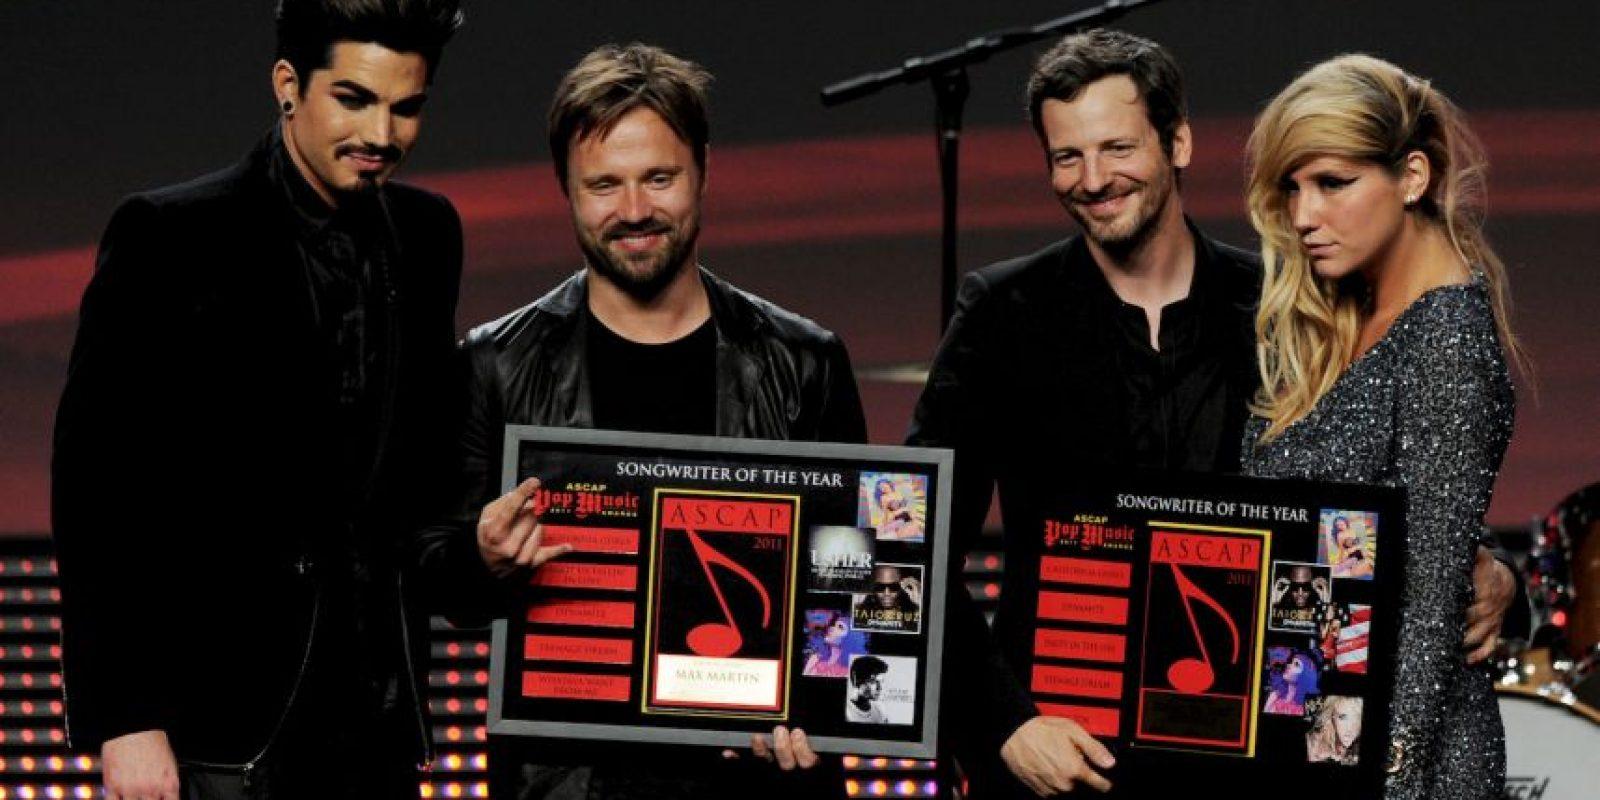 El acusado fue el productor musical, Lukasz Sebastian Gottwald, también conocido como Dr. Luke. Foto:Getty Images